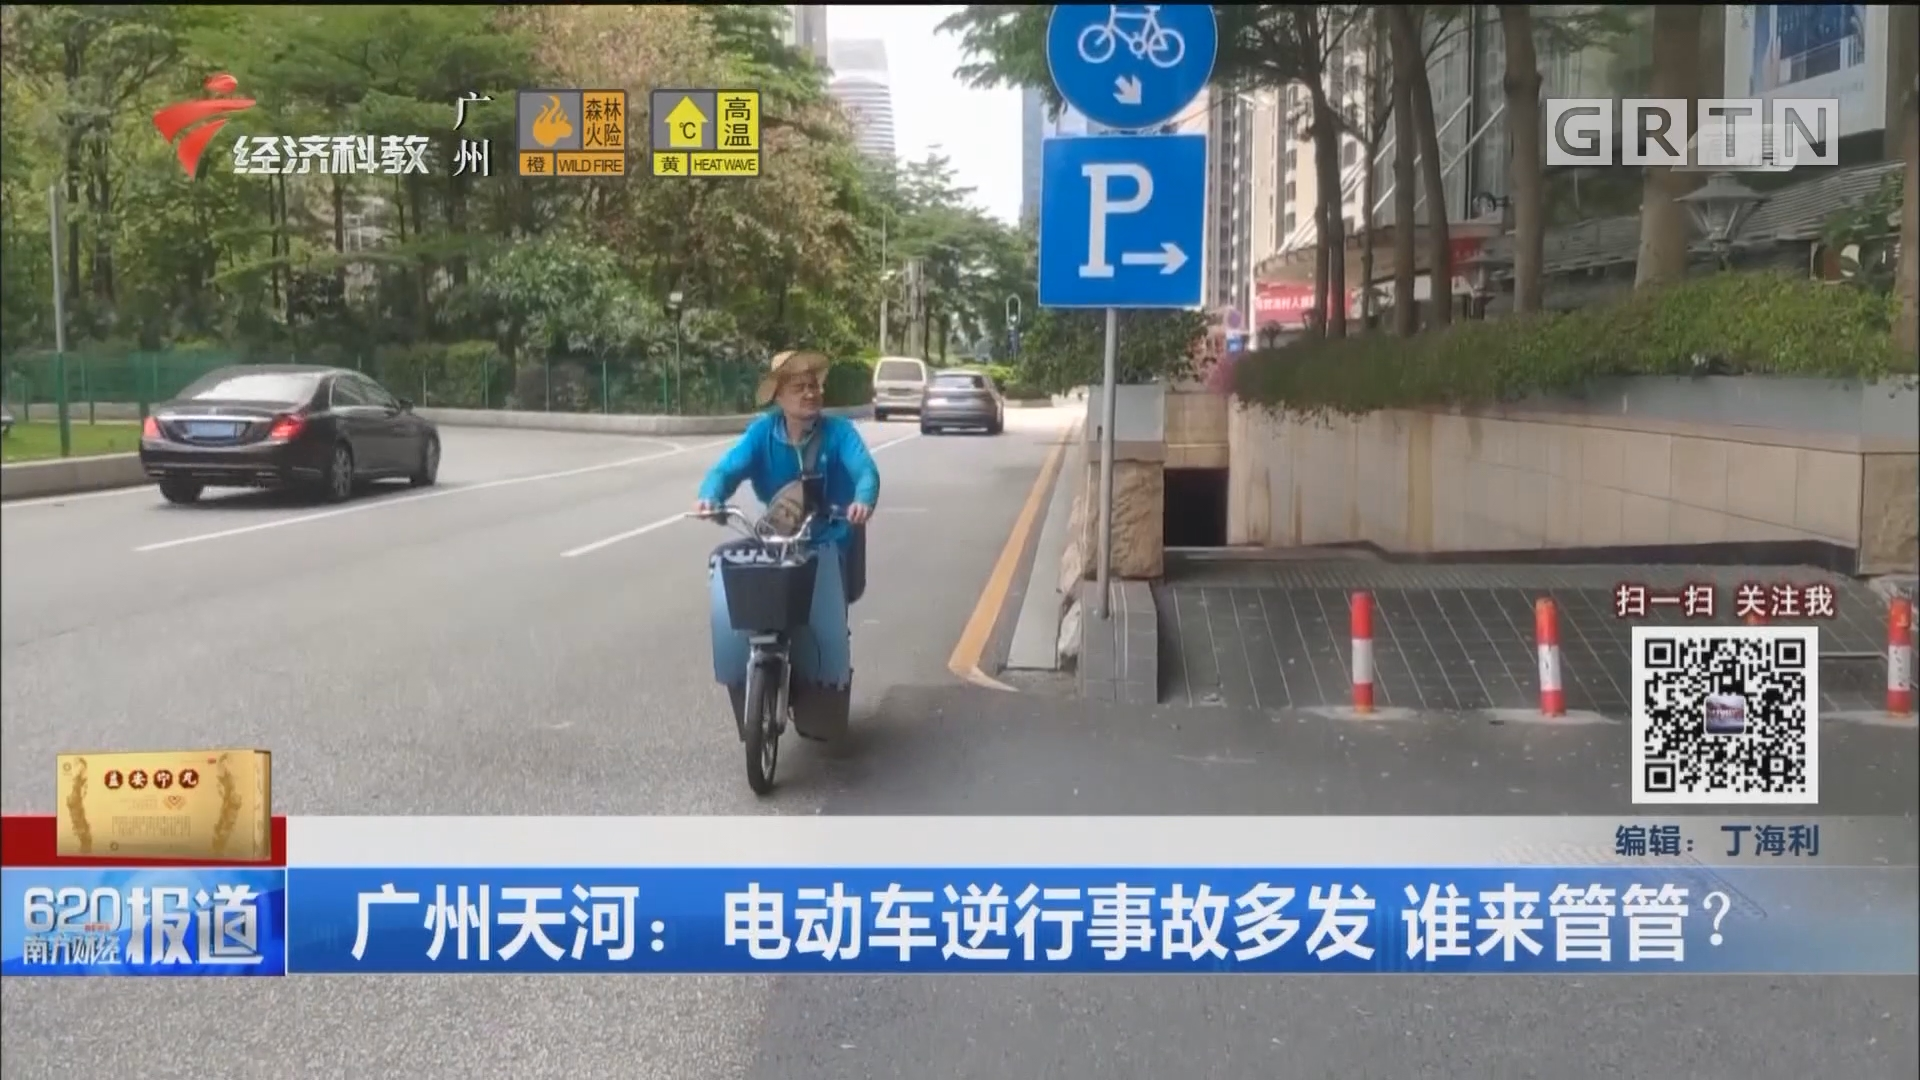 廣州天河:電動車逆行事故多發 誰來管管?